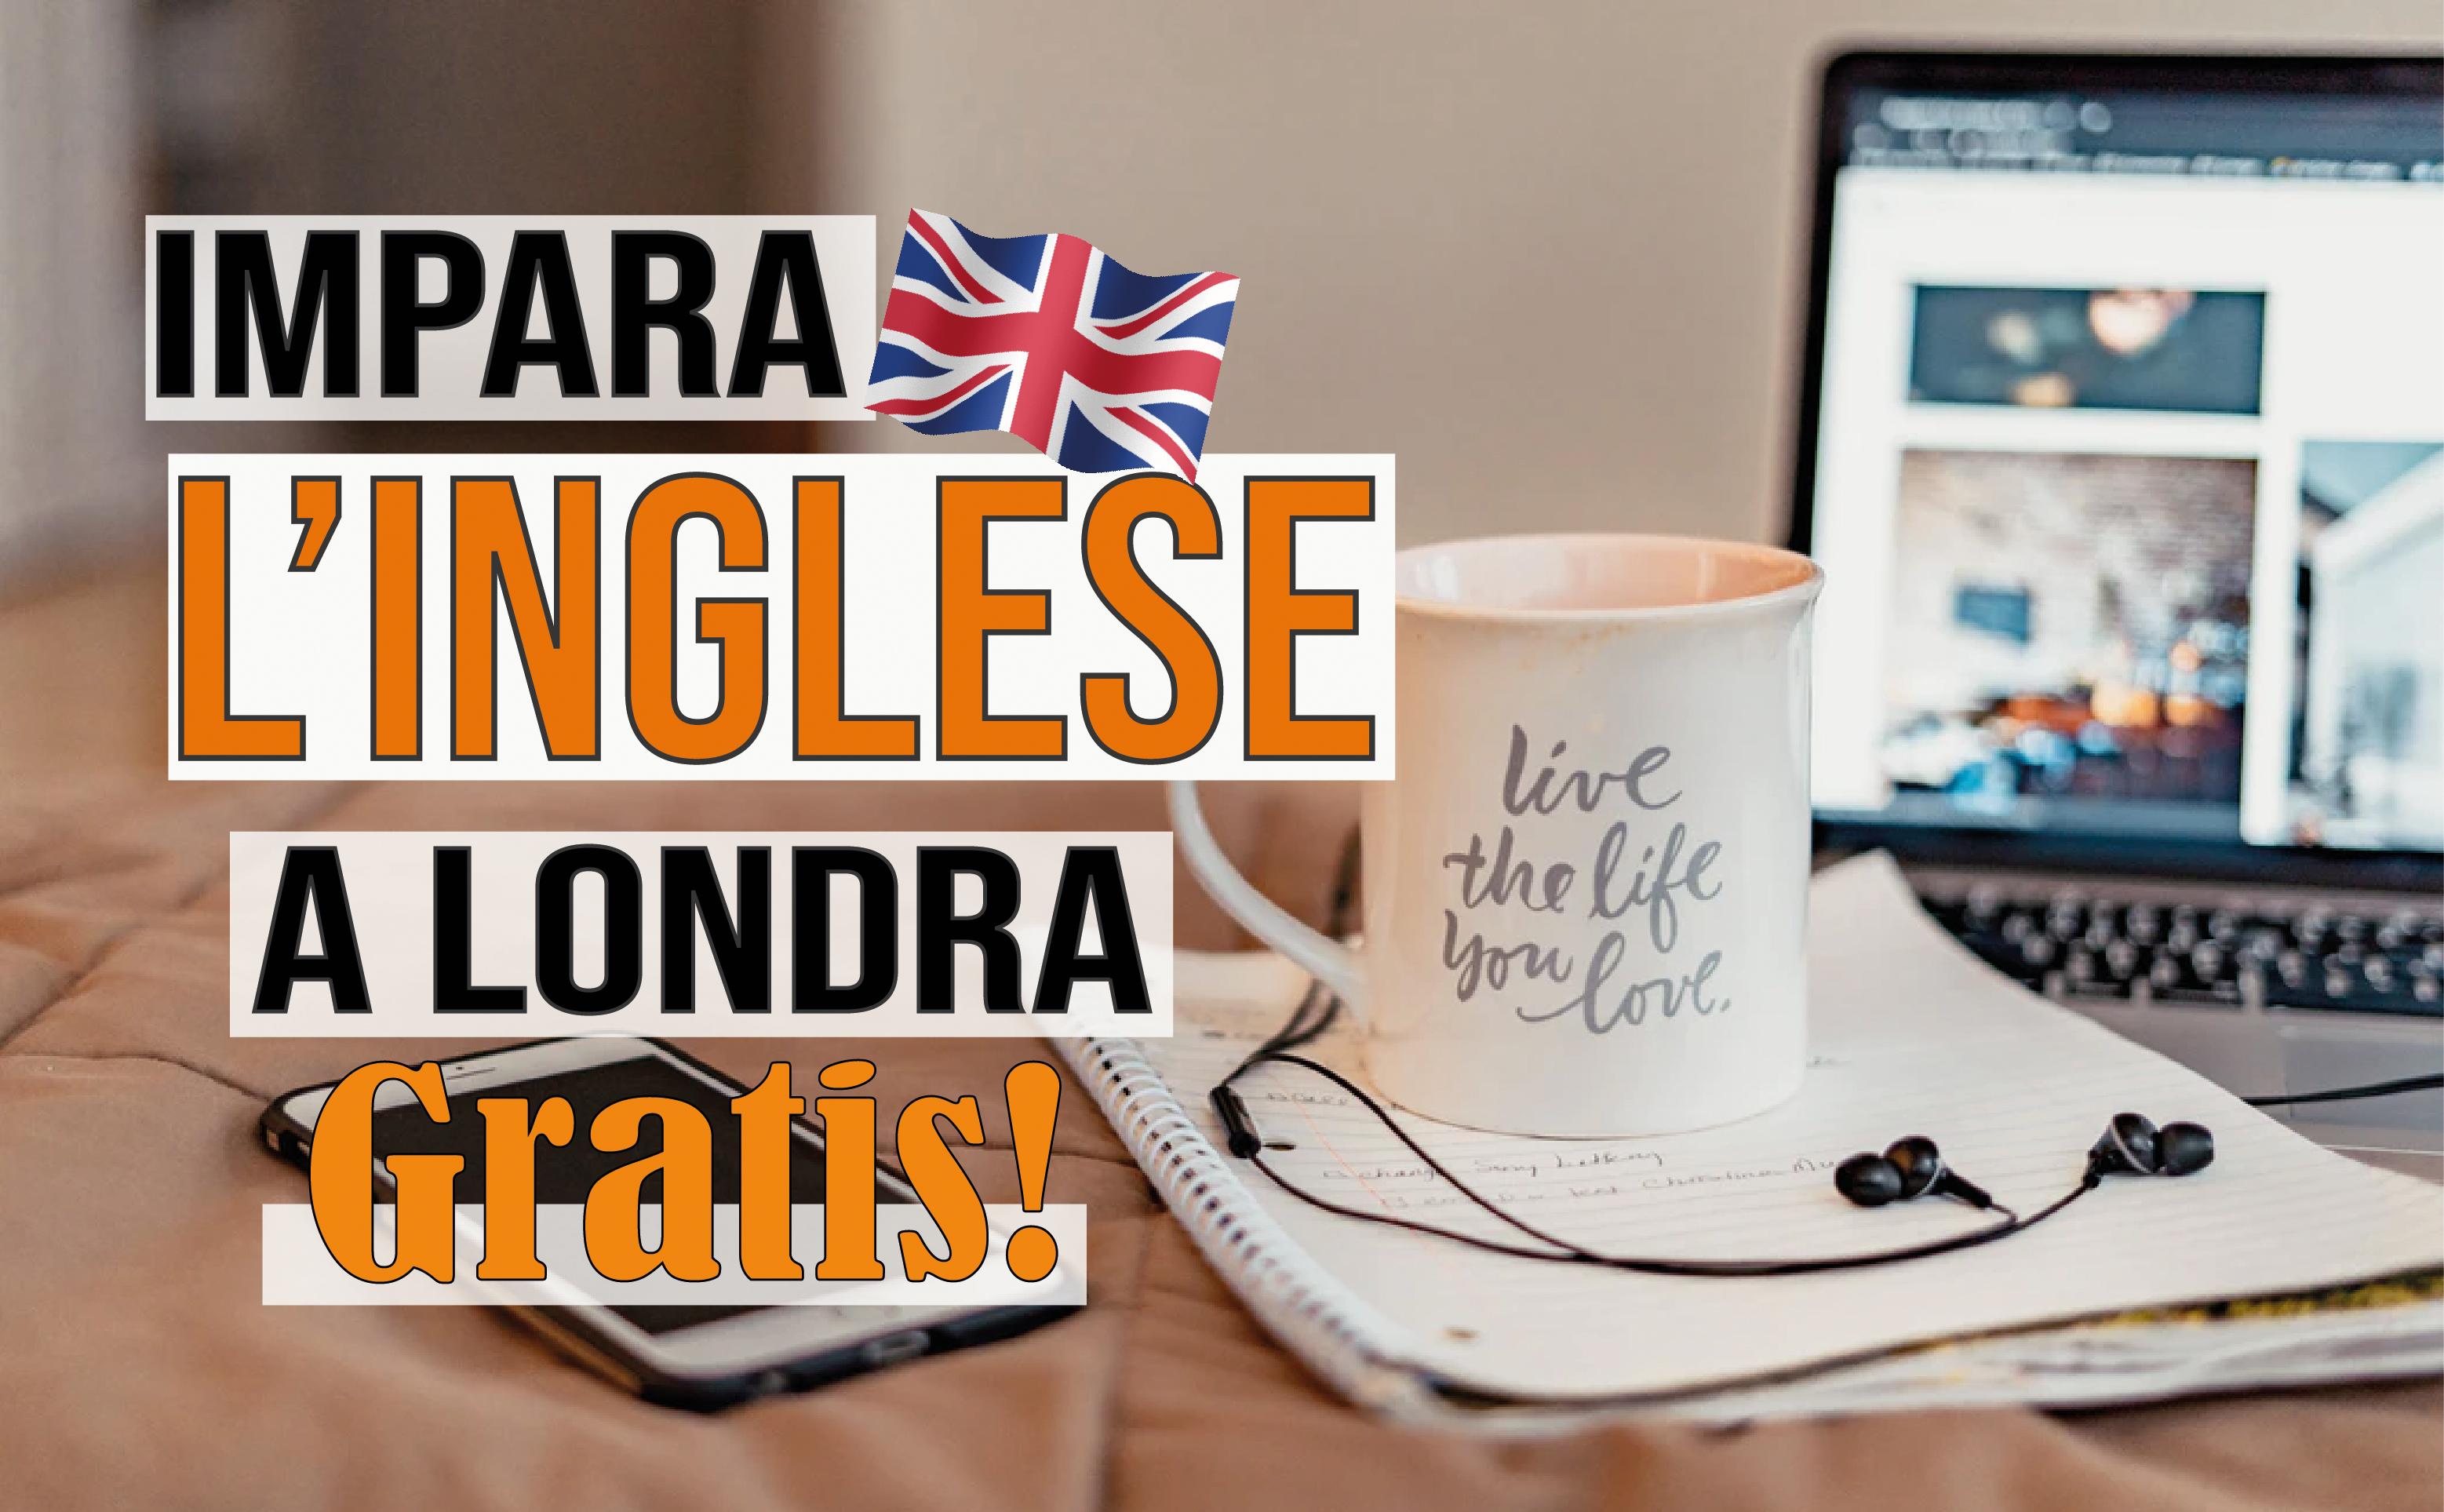 Come Imparare l'Inglese a Londra, gratis!